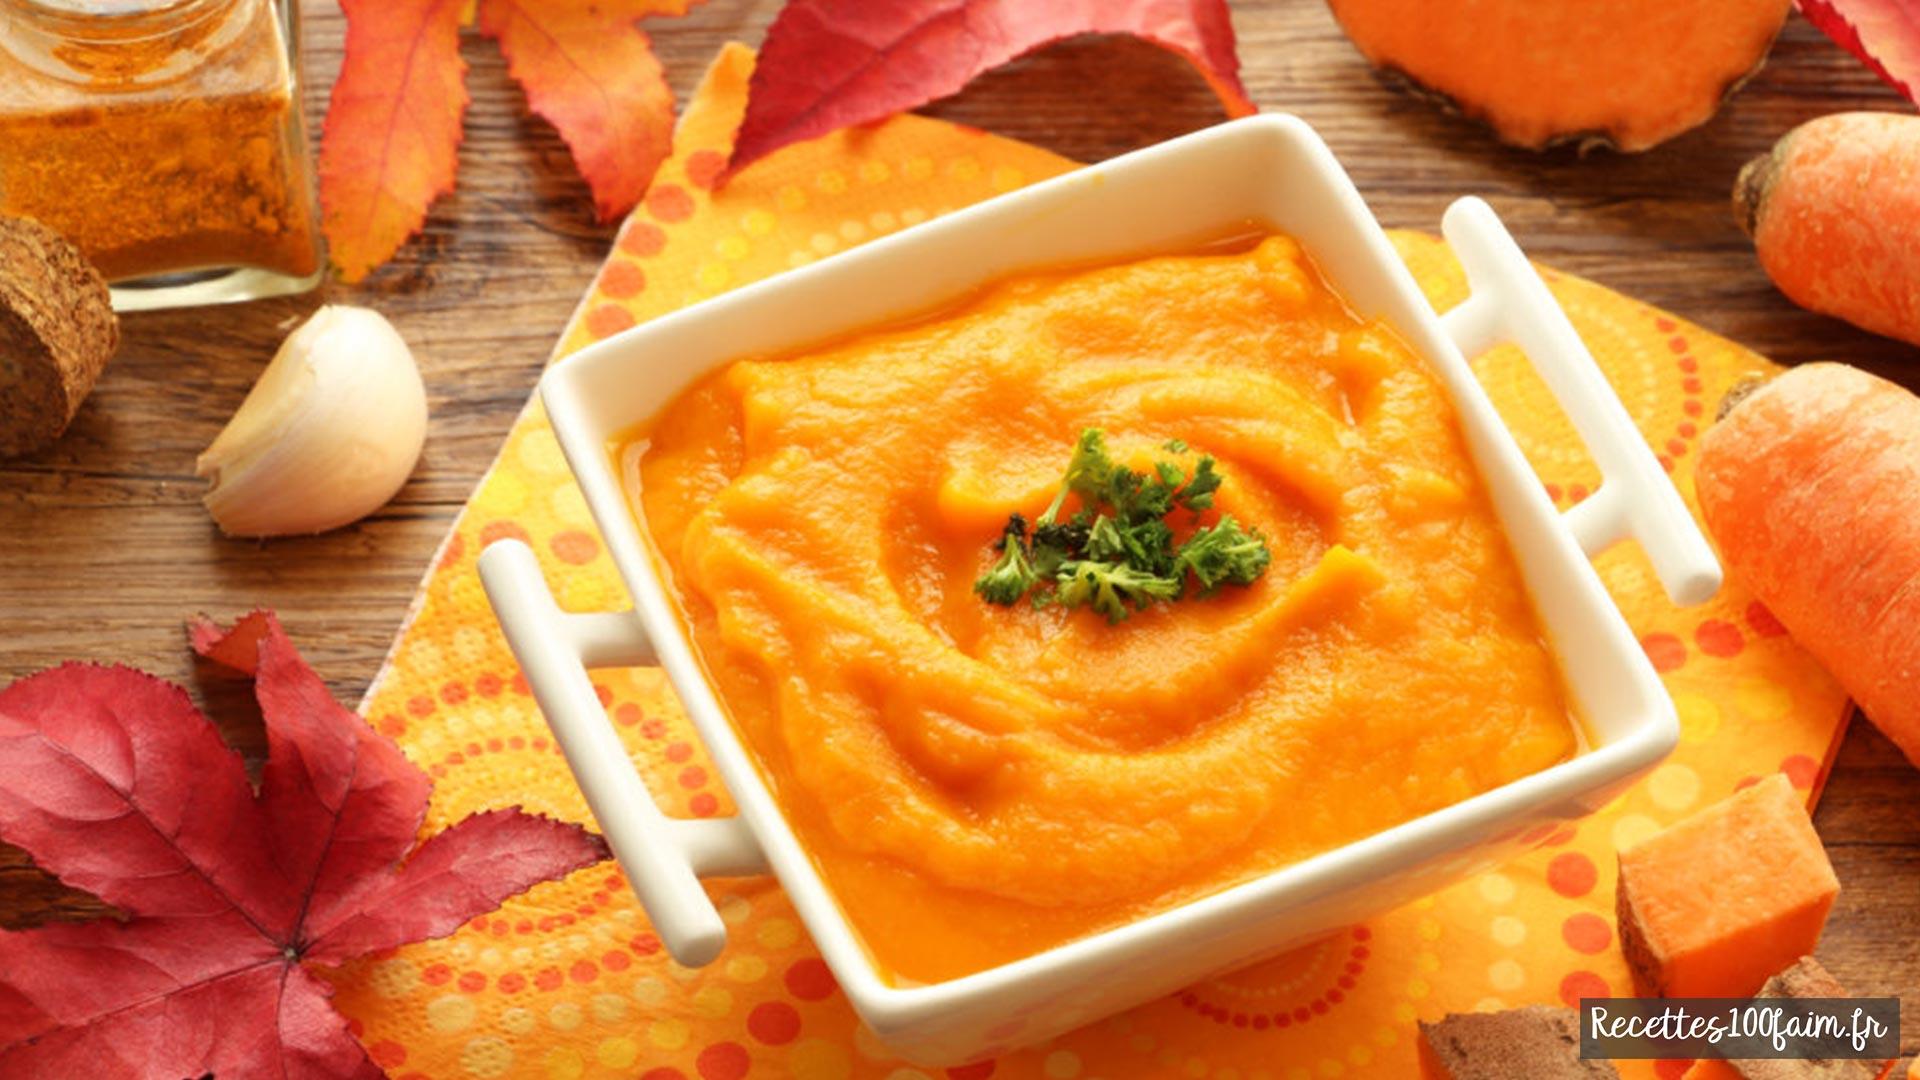 Recette soupe de patates douces et carottes